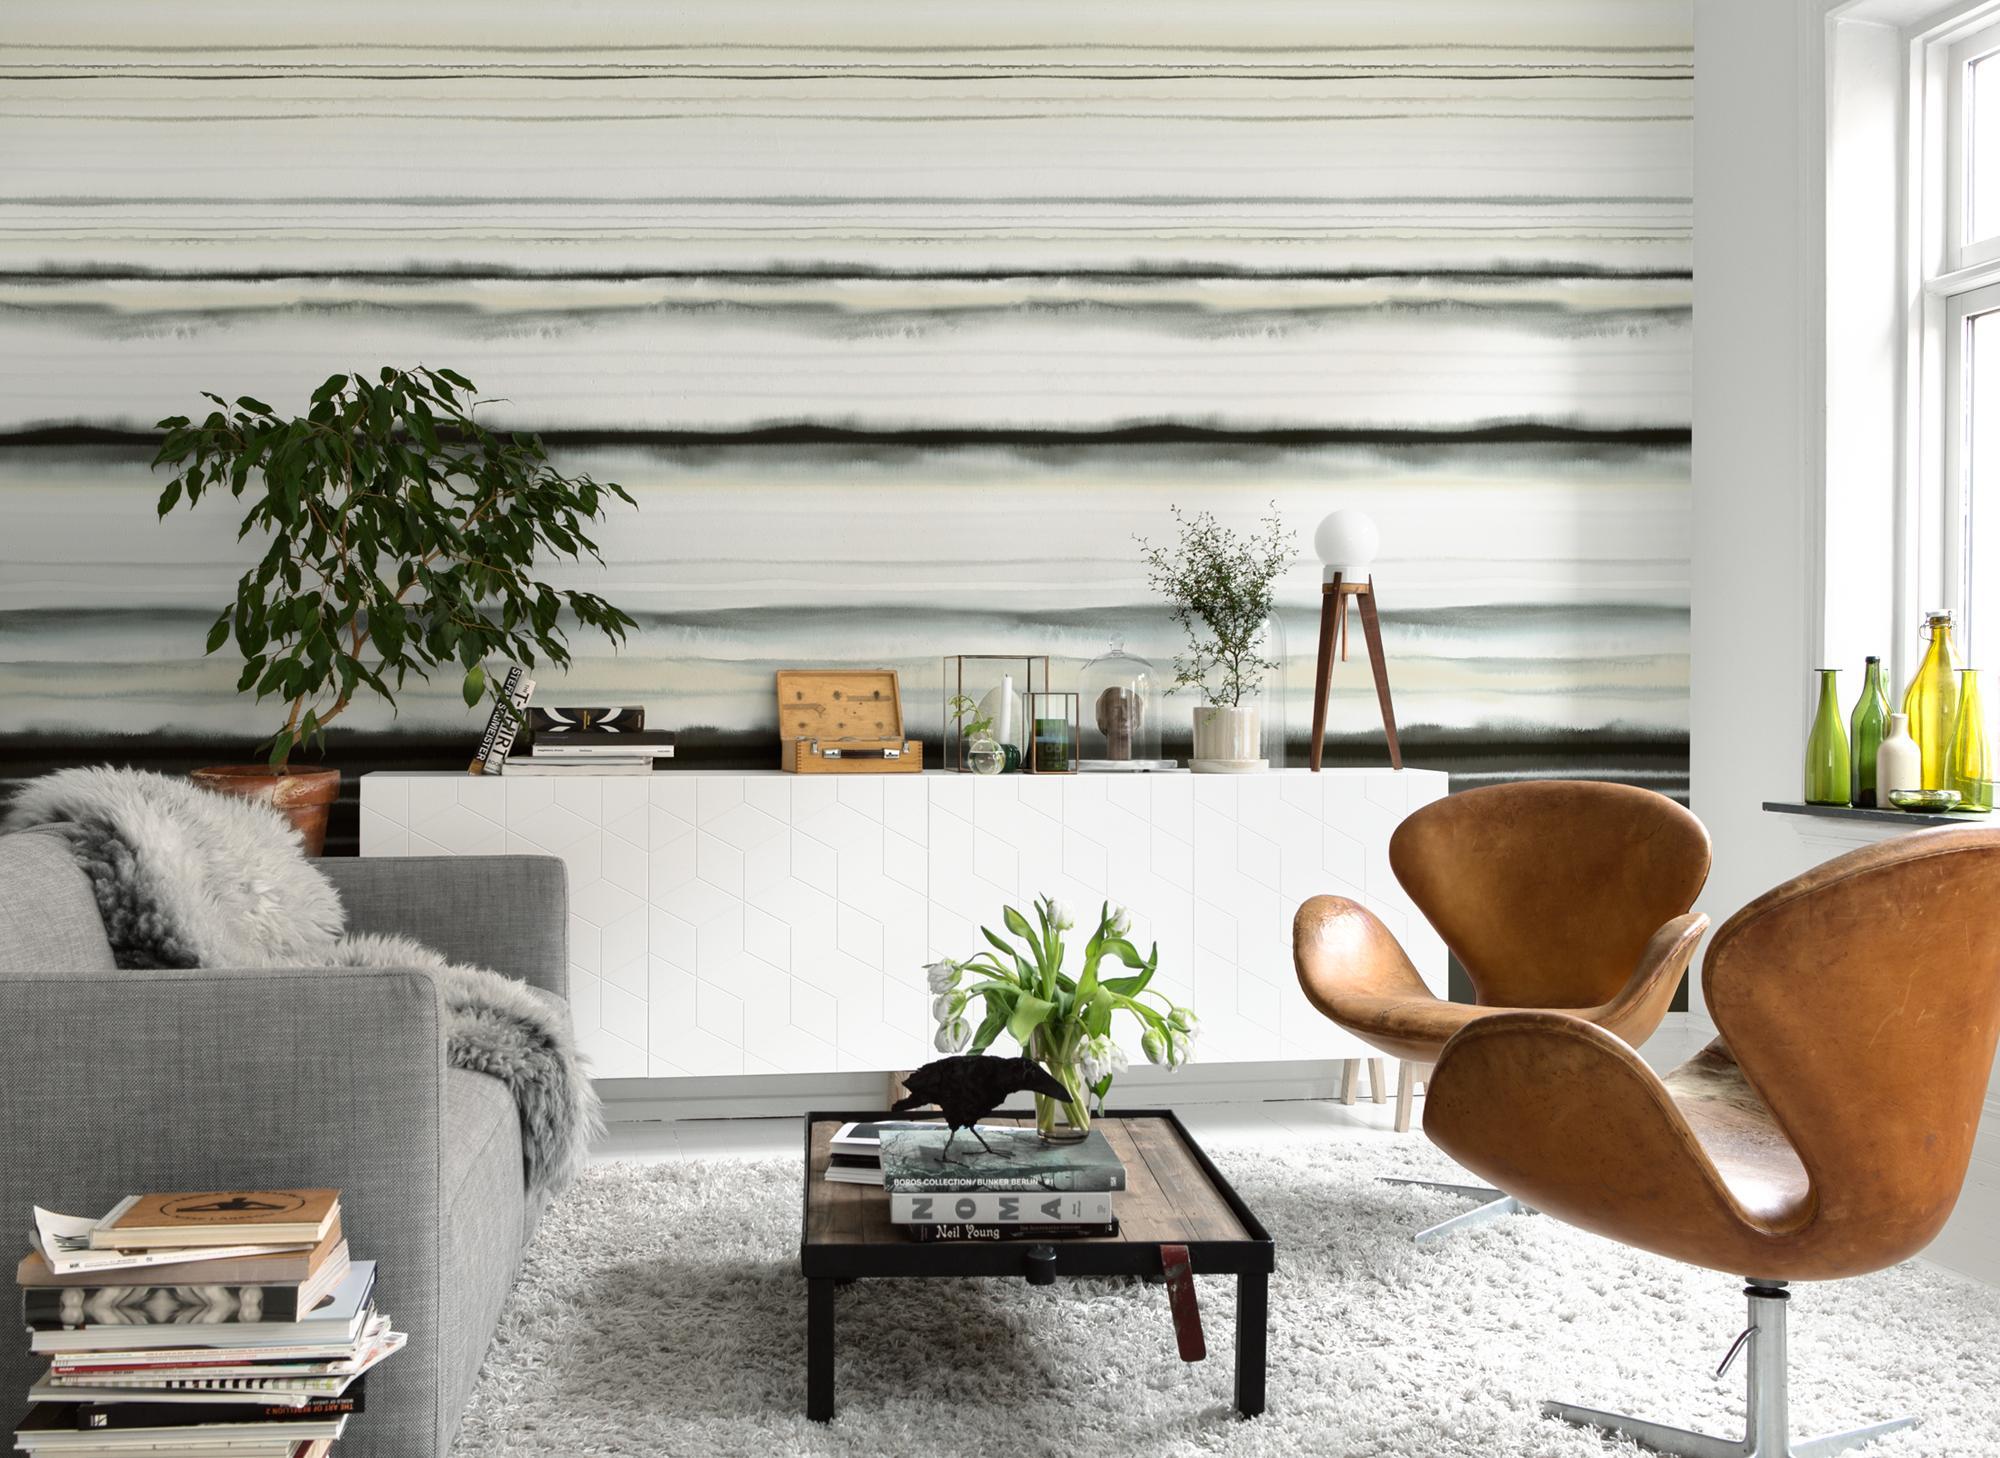 drehsessel • bilder & ideen • couchstyle, Wohnzimmer